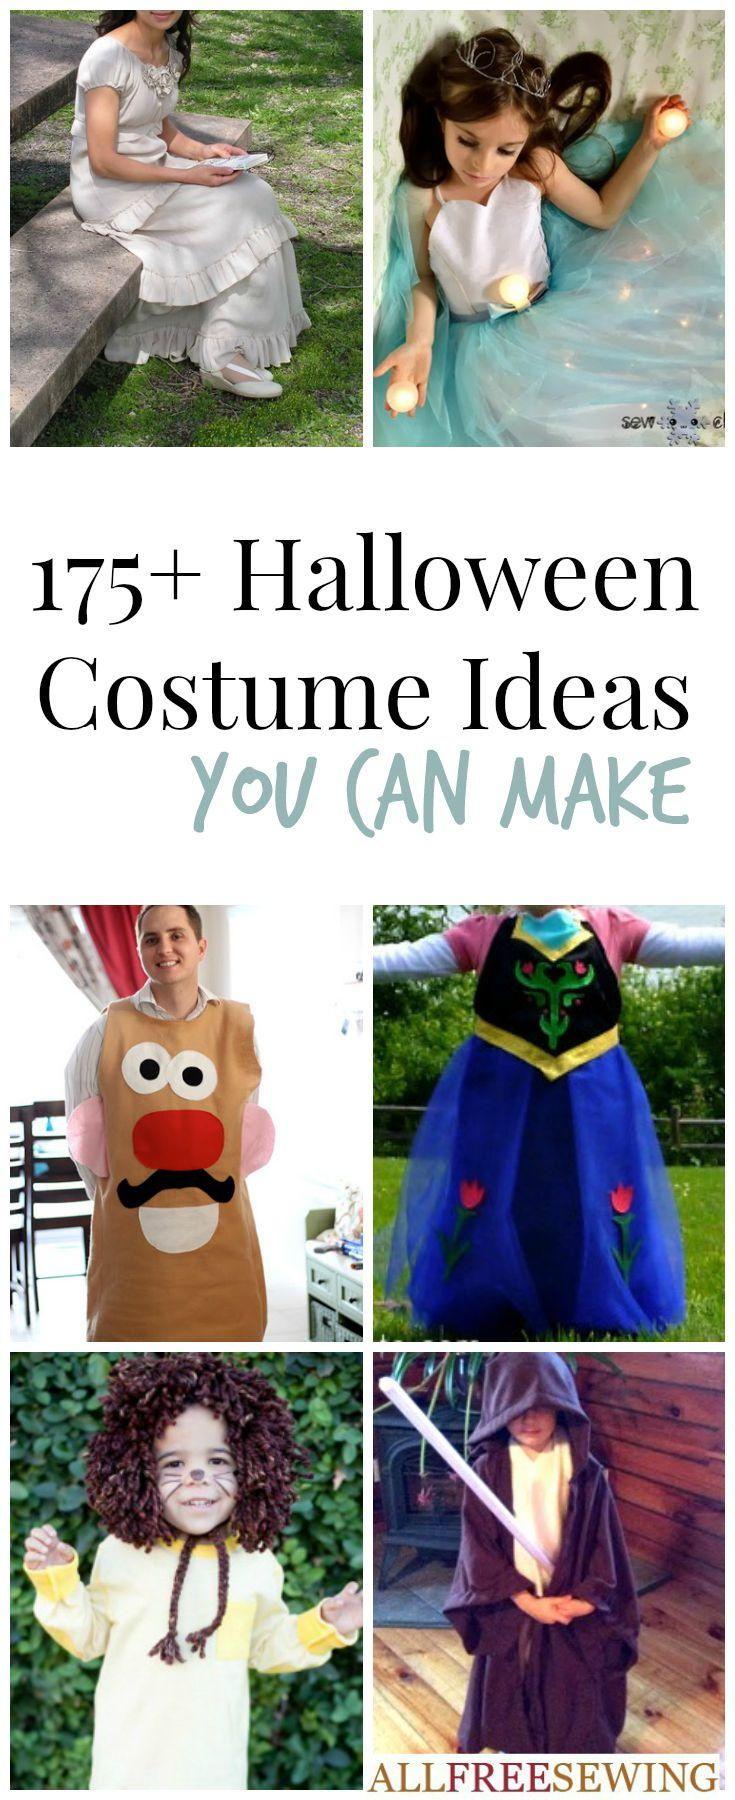 Best 25+ Halloween costume patterns ideas on Pinterest | Costume ...